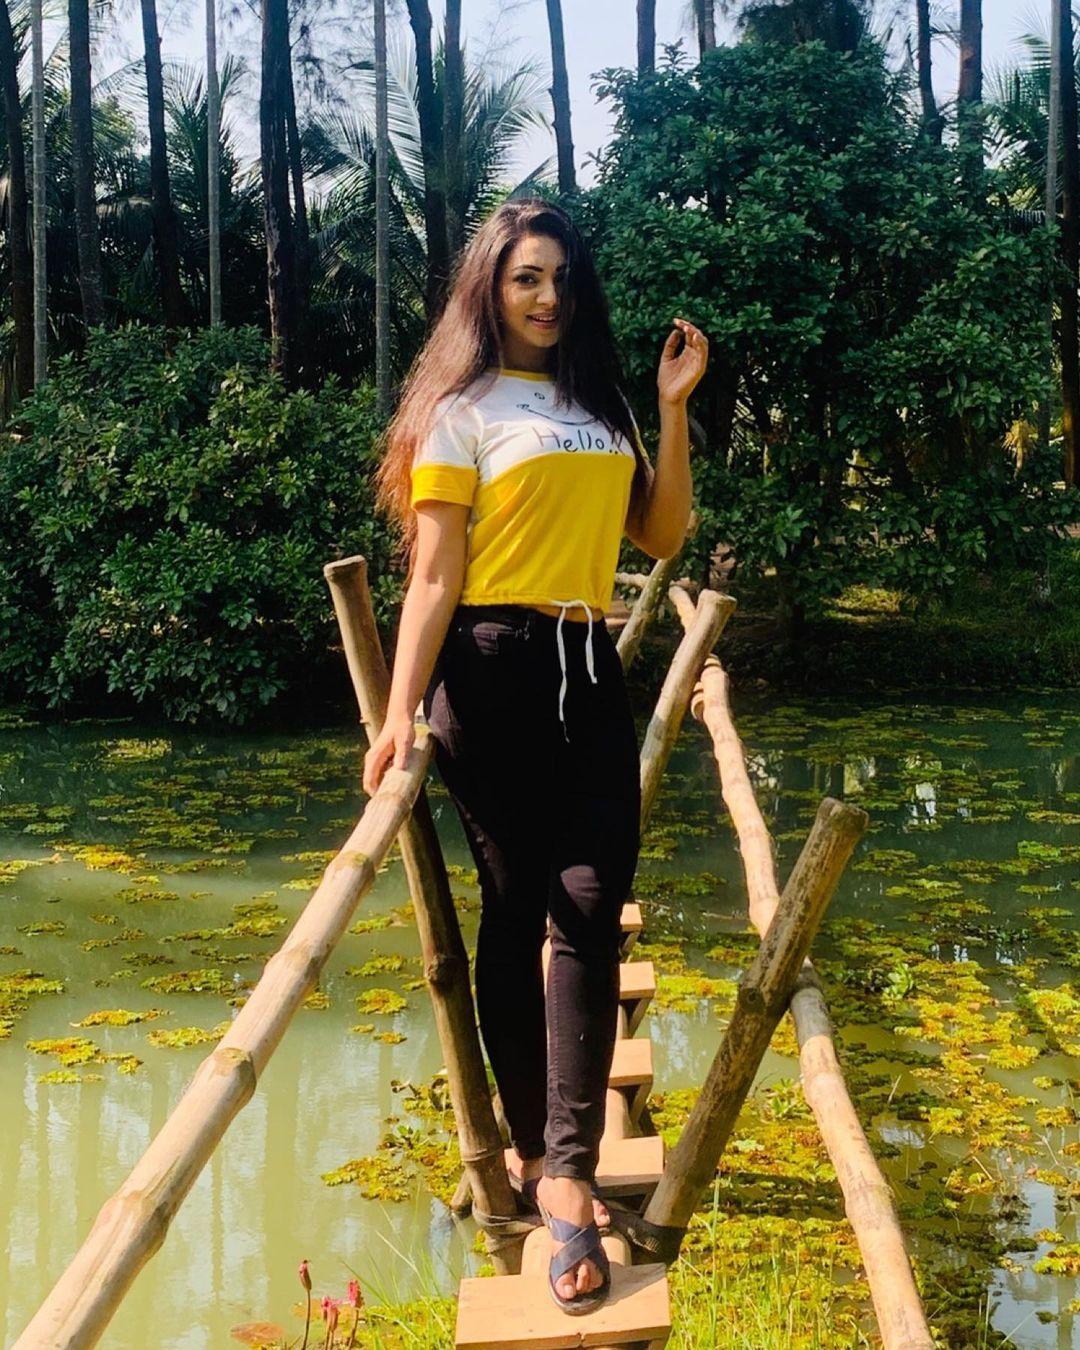 মডেল এবং অভিনেত্রী সাদিয়া জাহান প্রভার কিছু ছবি 12